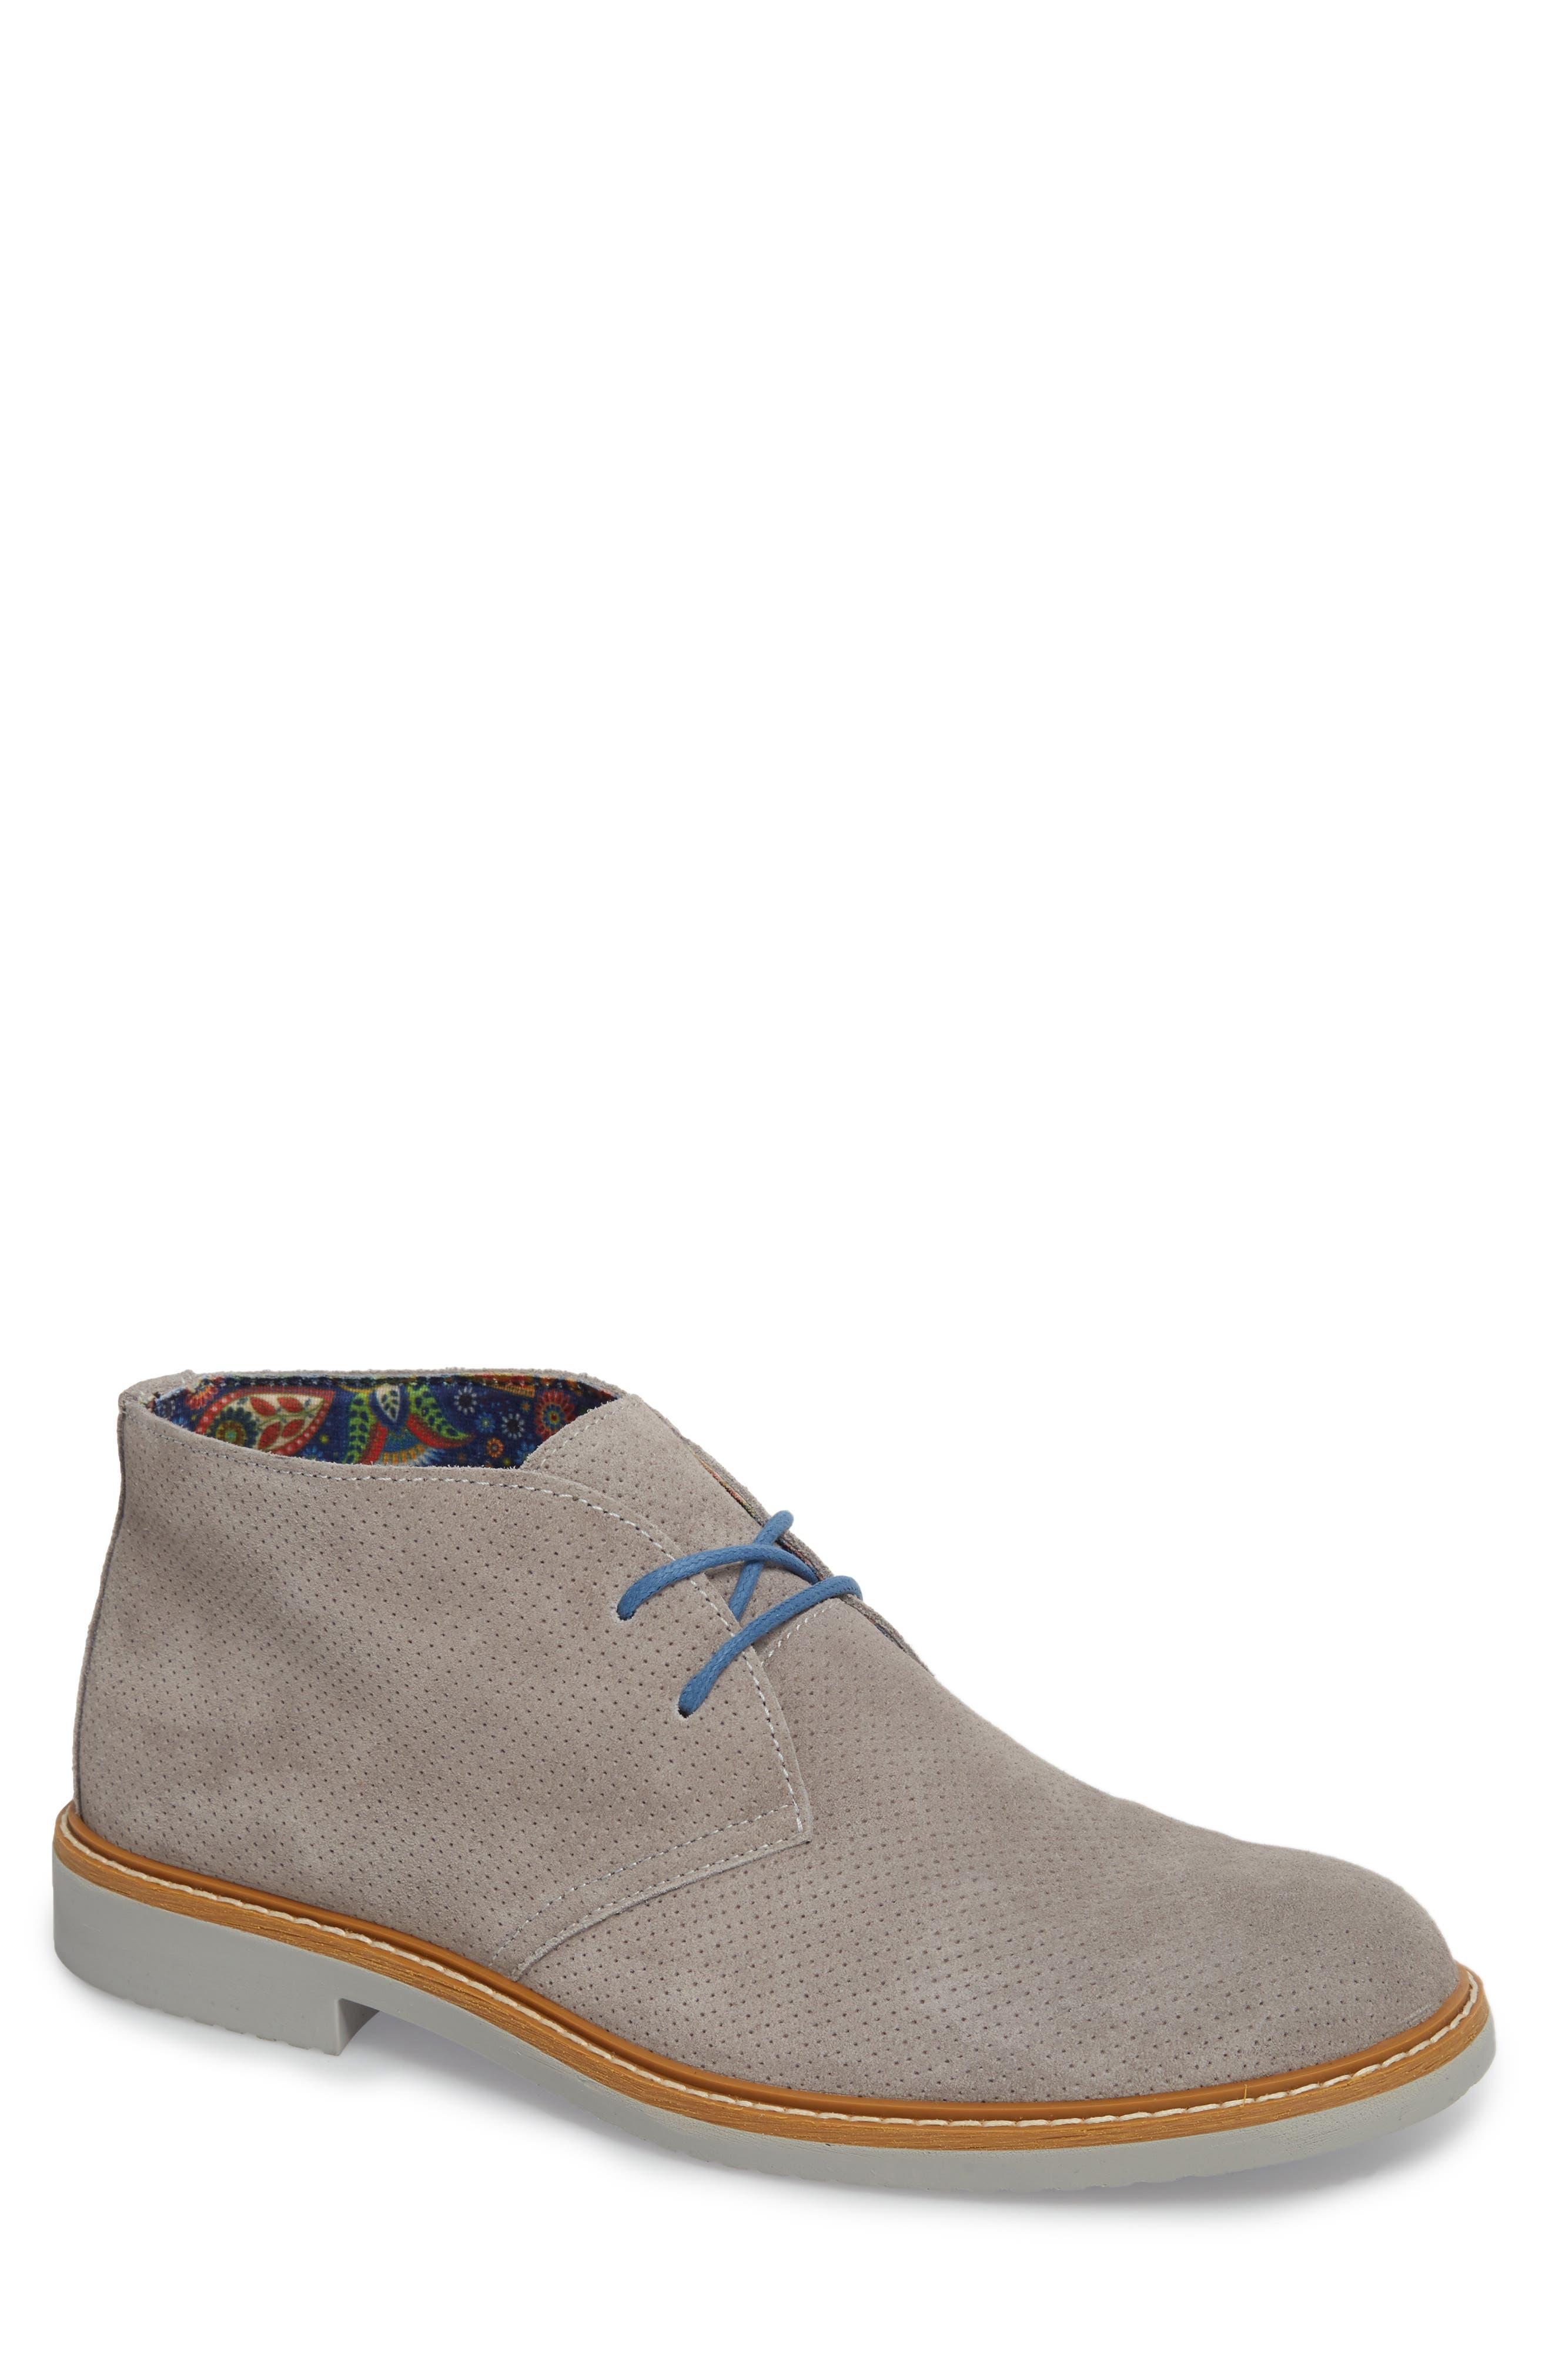 Bayside Perforated Chukka Boot,                             Main thumbnail 1, color,                             020